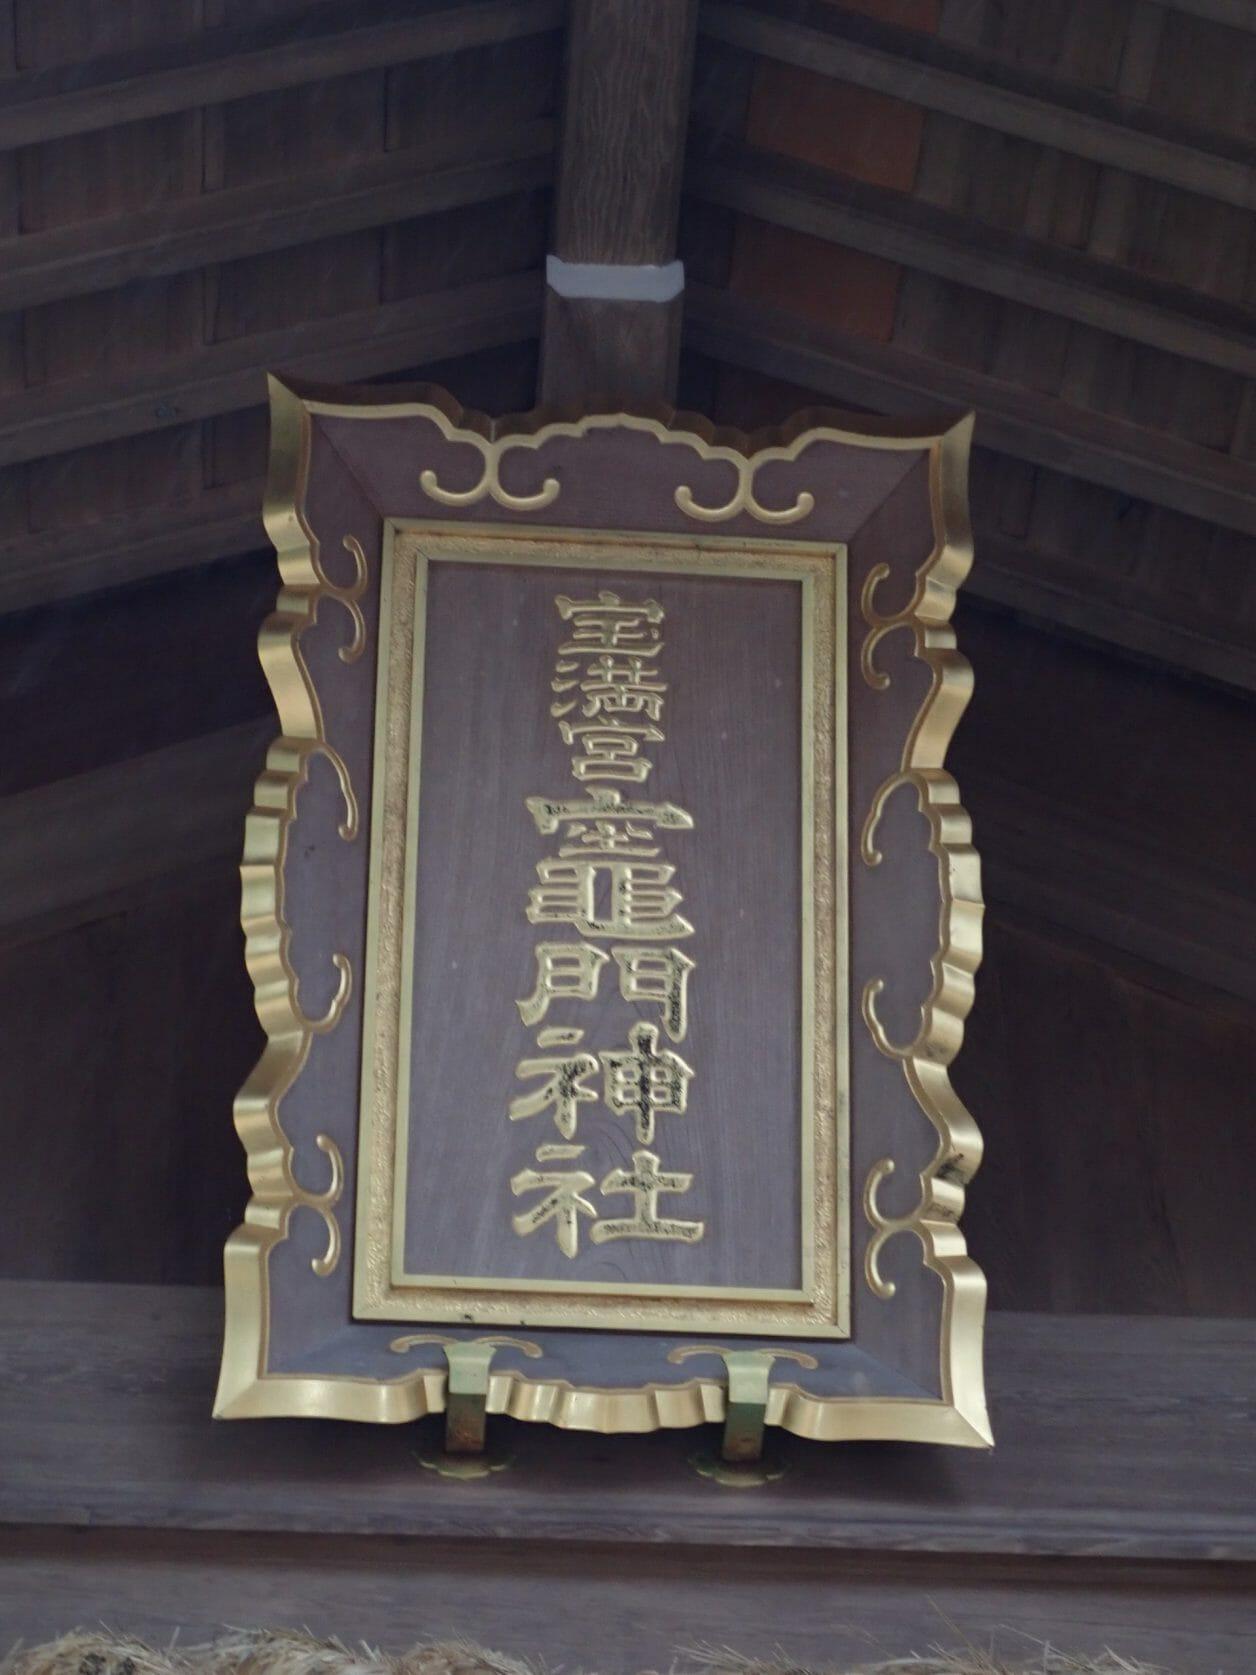 鬼滅の刃の聖地と言われる竈門神社